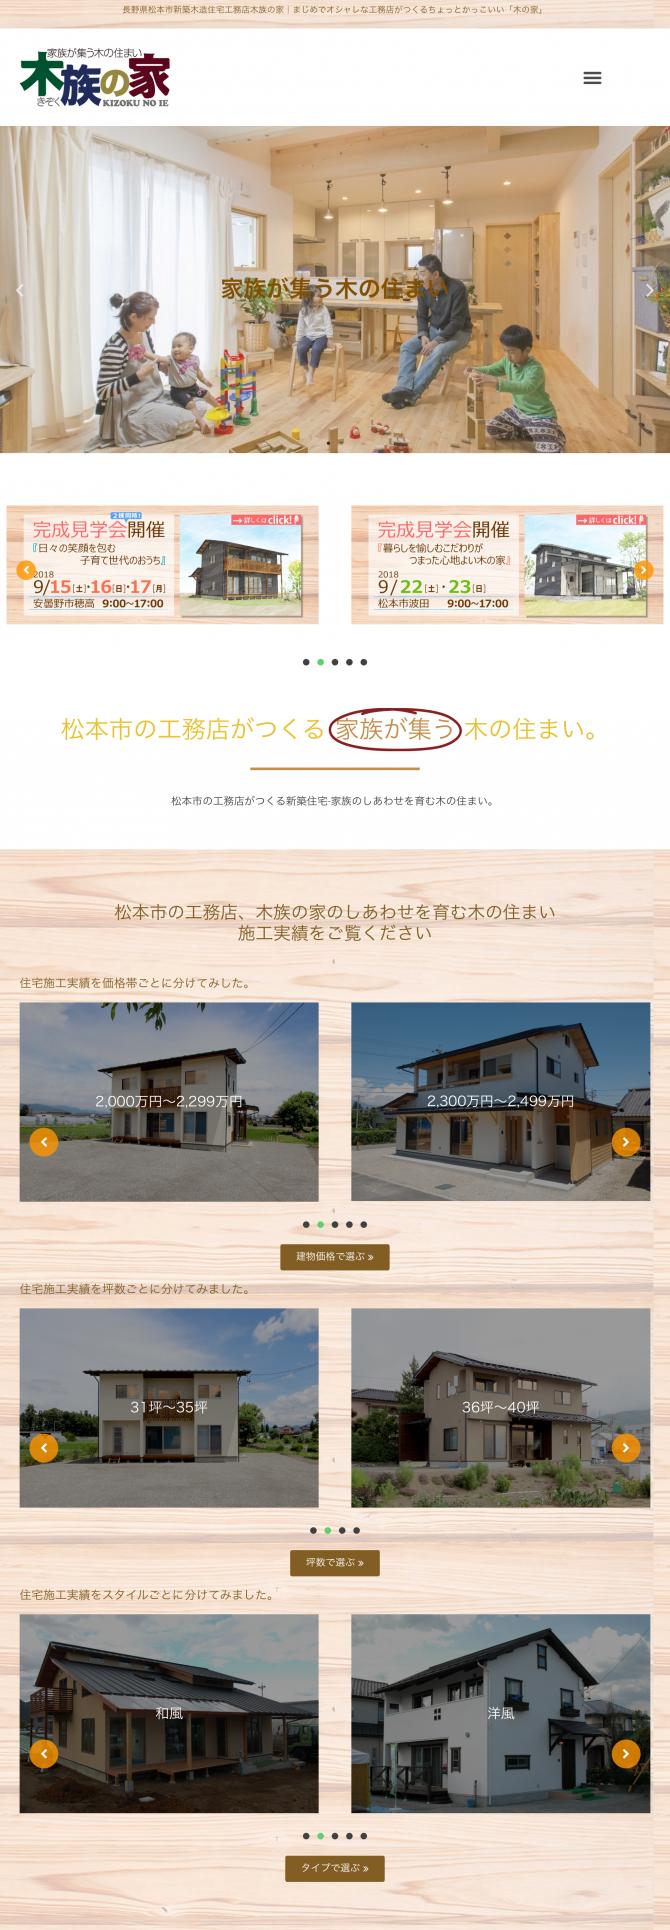 工務店ホームページ制作例